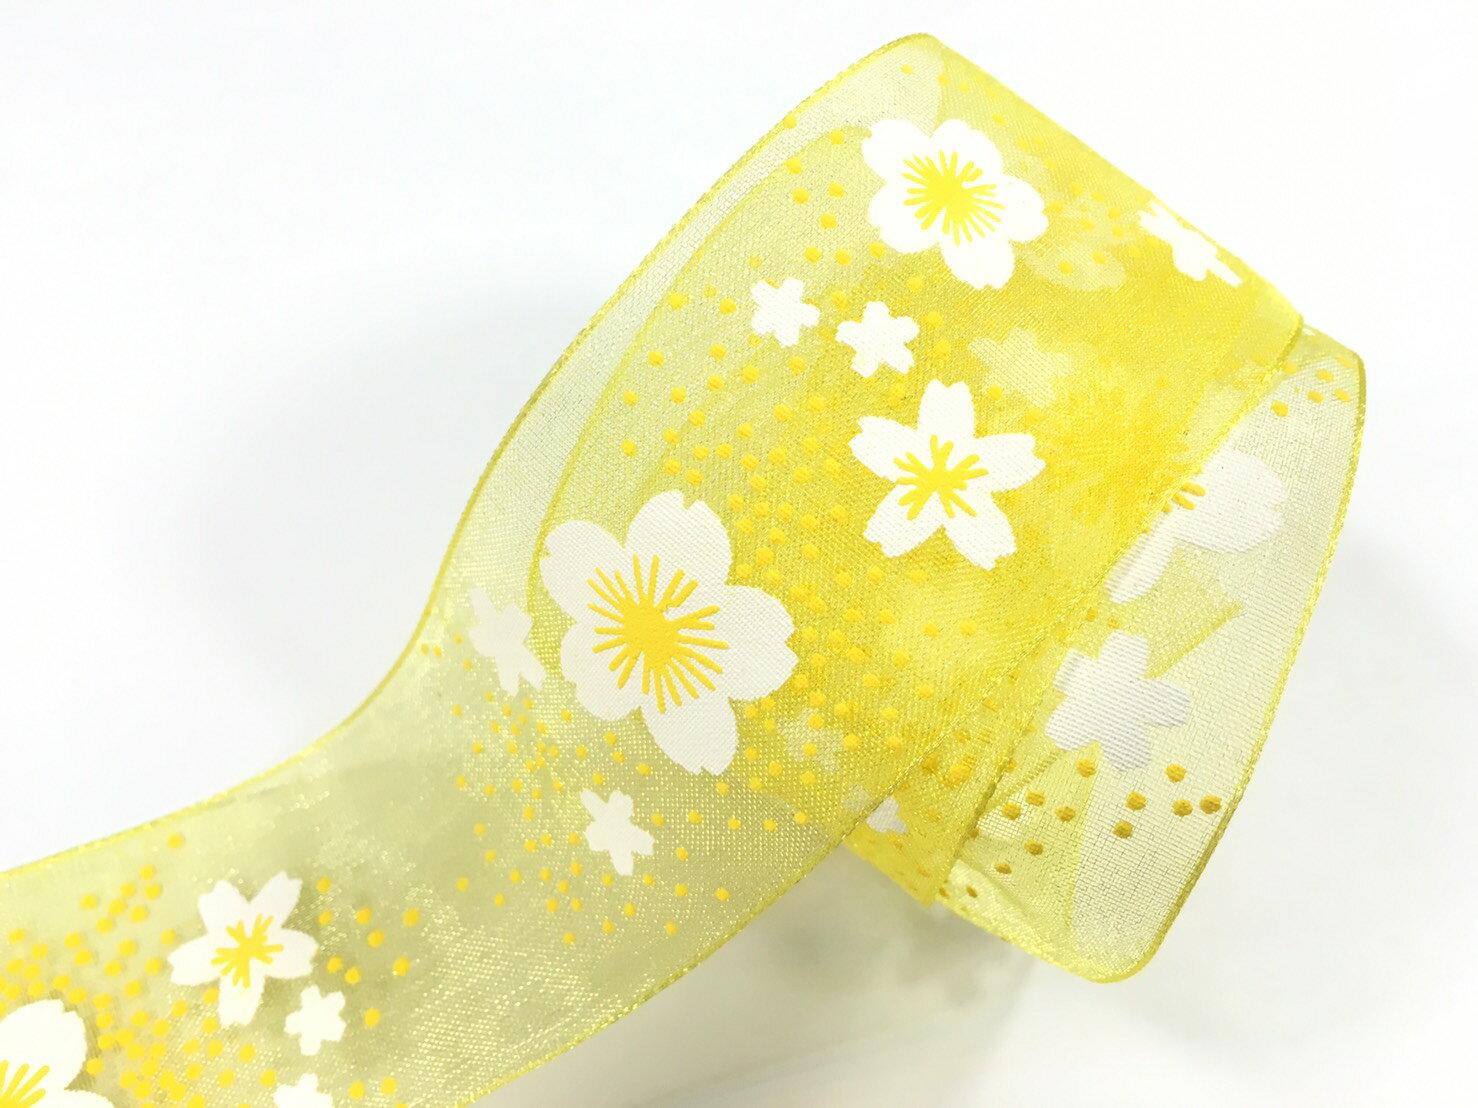 【Crystal Rose緞帶專賣店】小花朵朵網紗緞帶 38mm 3碼裝 1